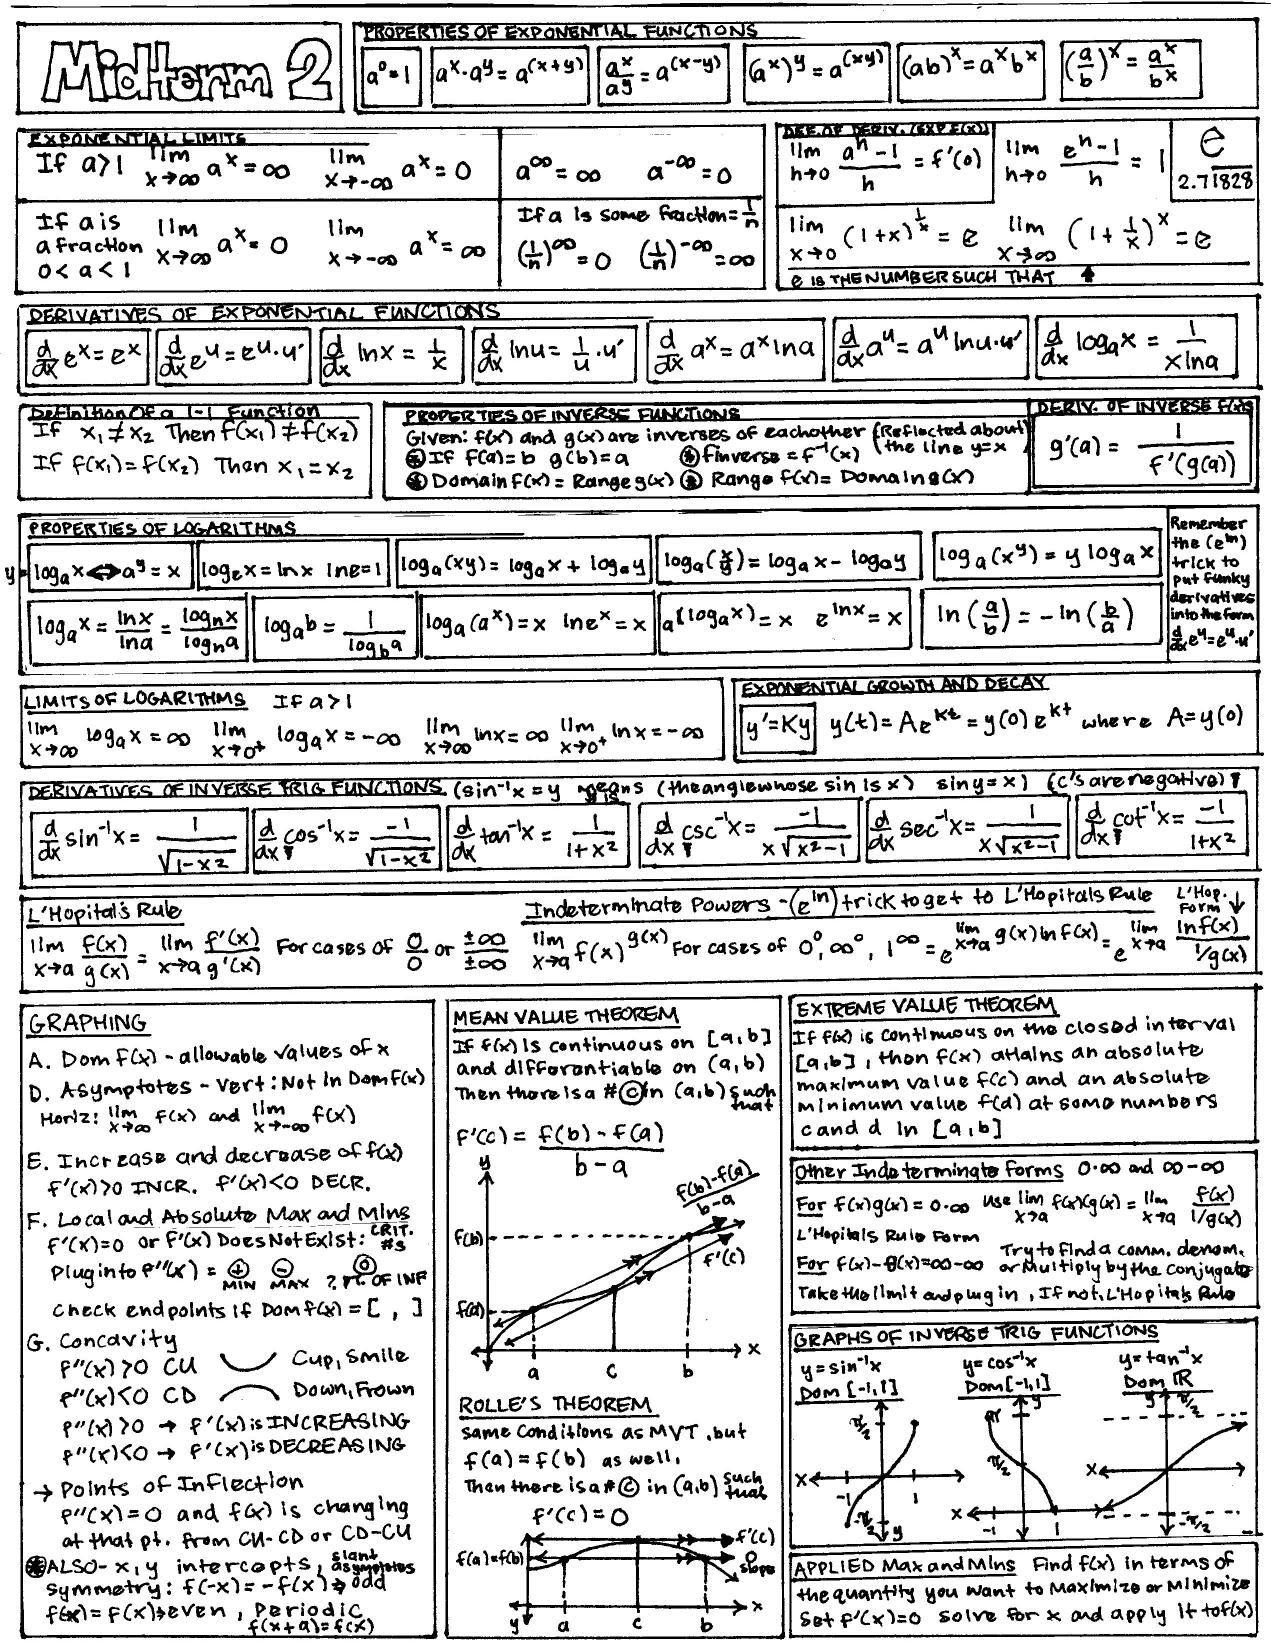 S A Harvard Afriedman Images Cheatsheetscans Math1a 3